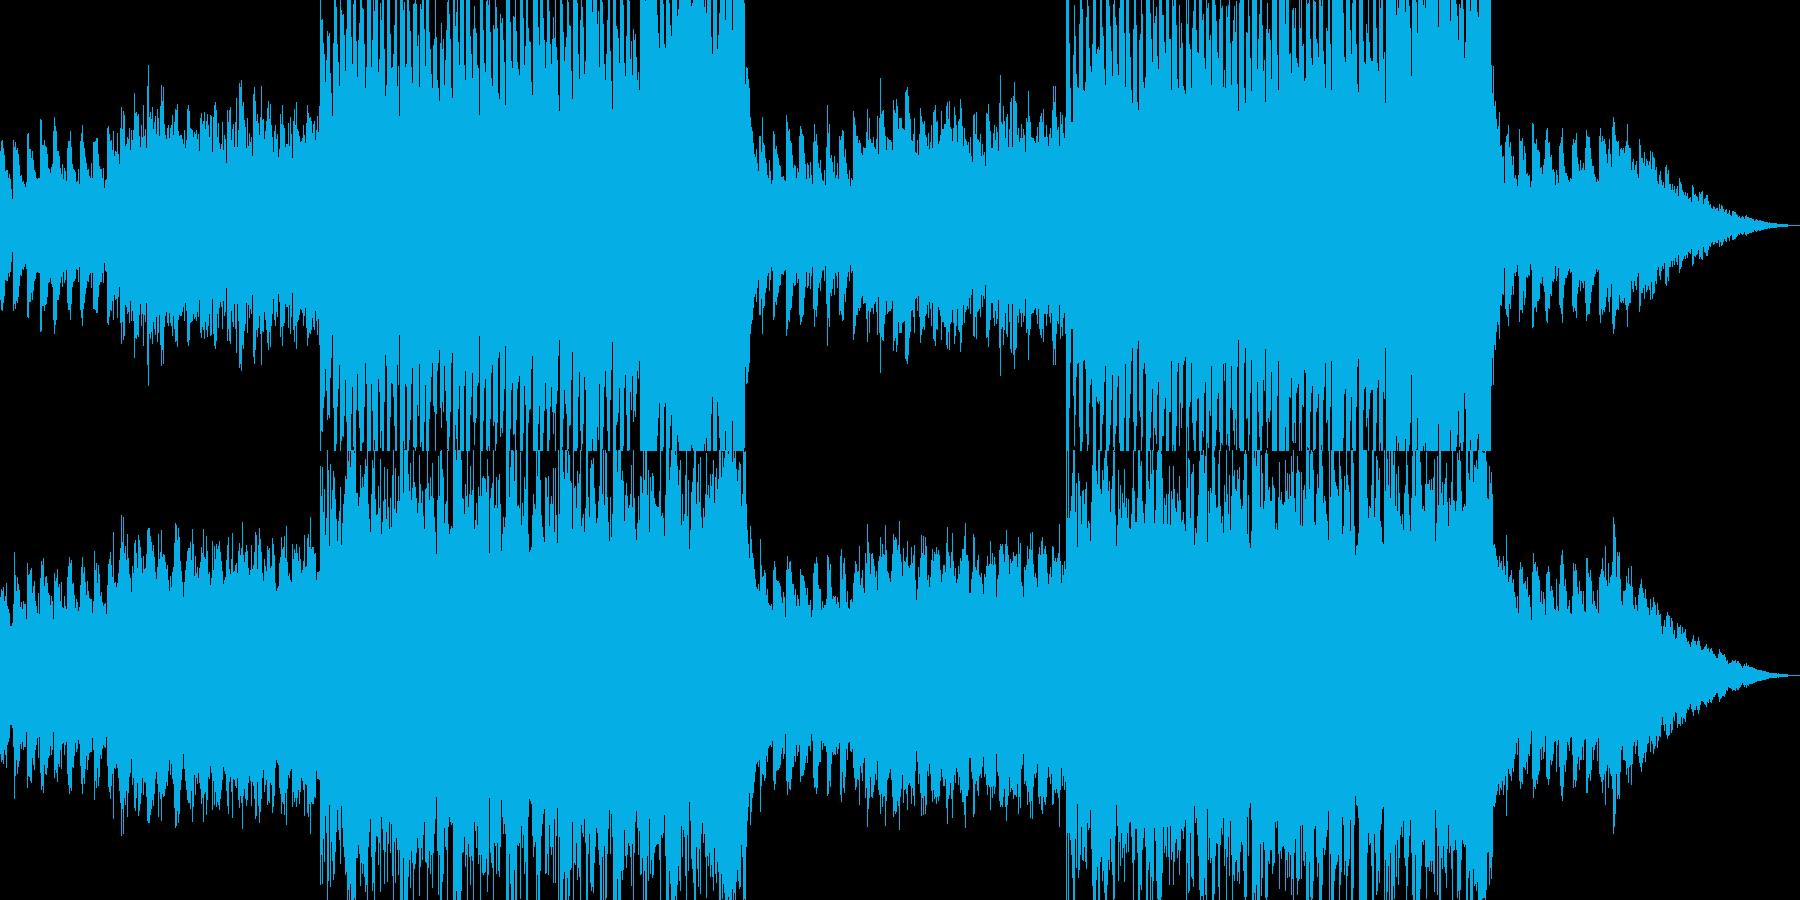 【恐怖音楽】闇の支配者が動き出す・・・の再生済みの波形